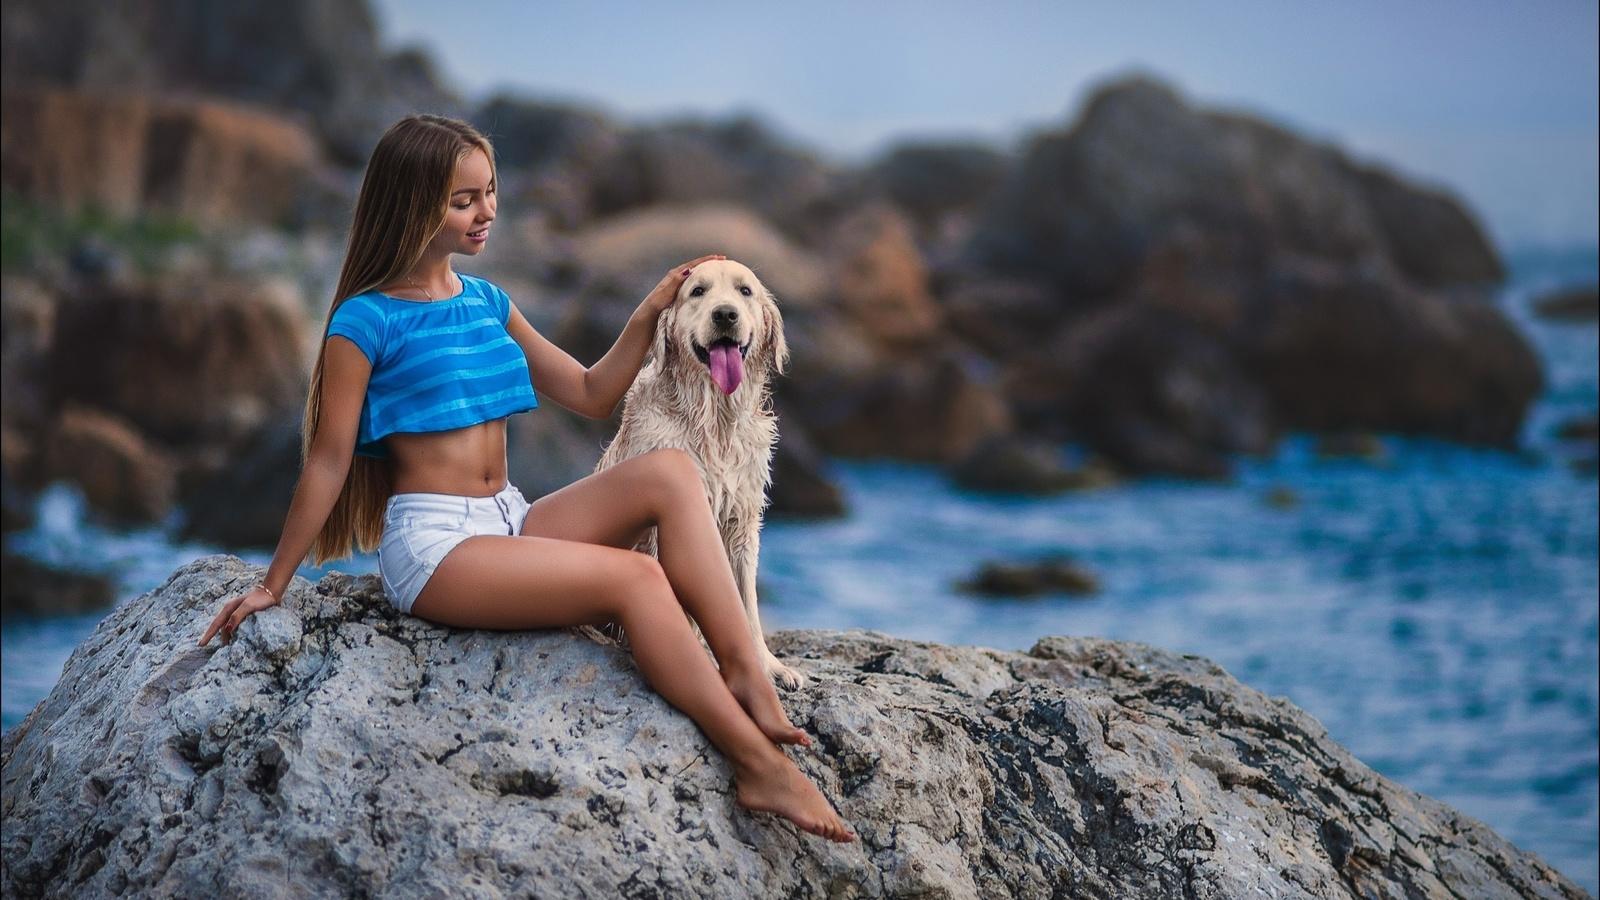 девушка, длинные волосы, красивая, пес, море, камни, настроение